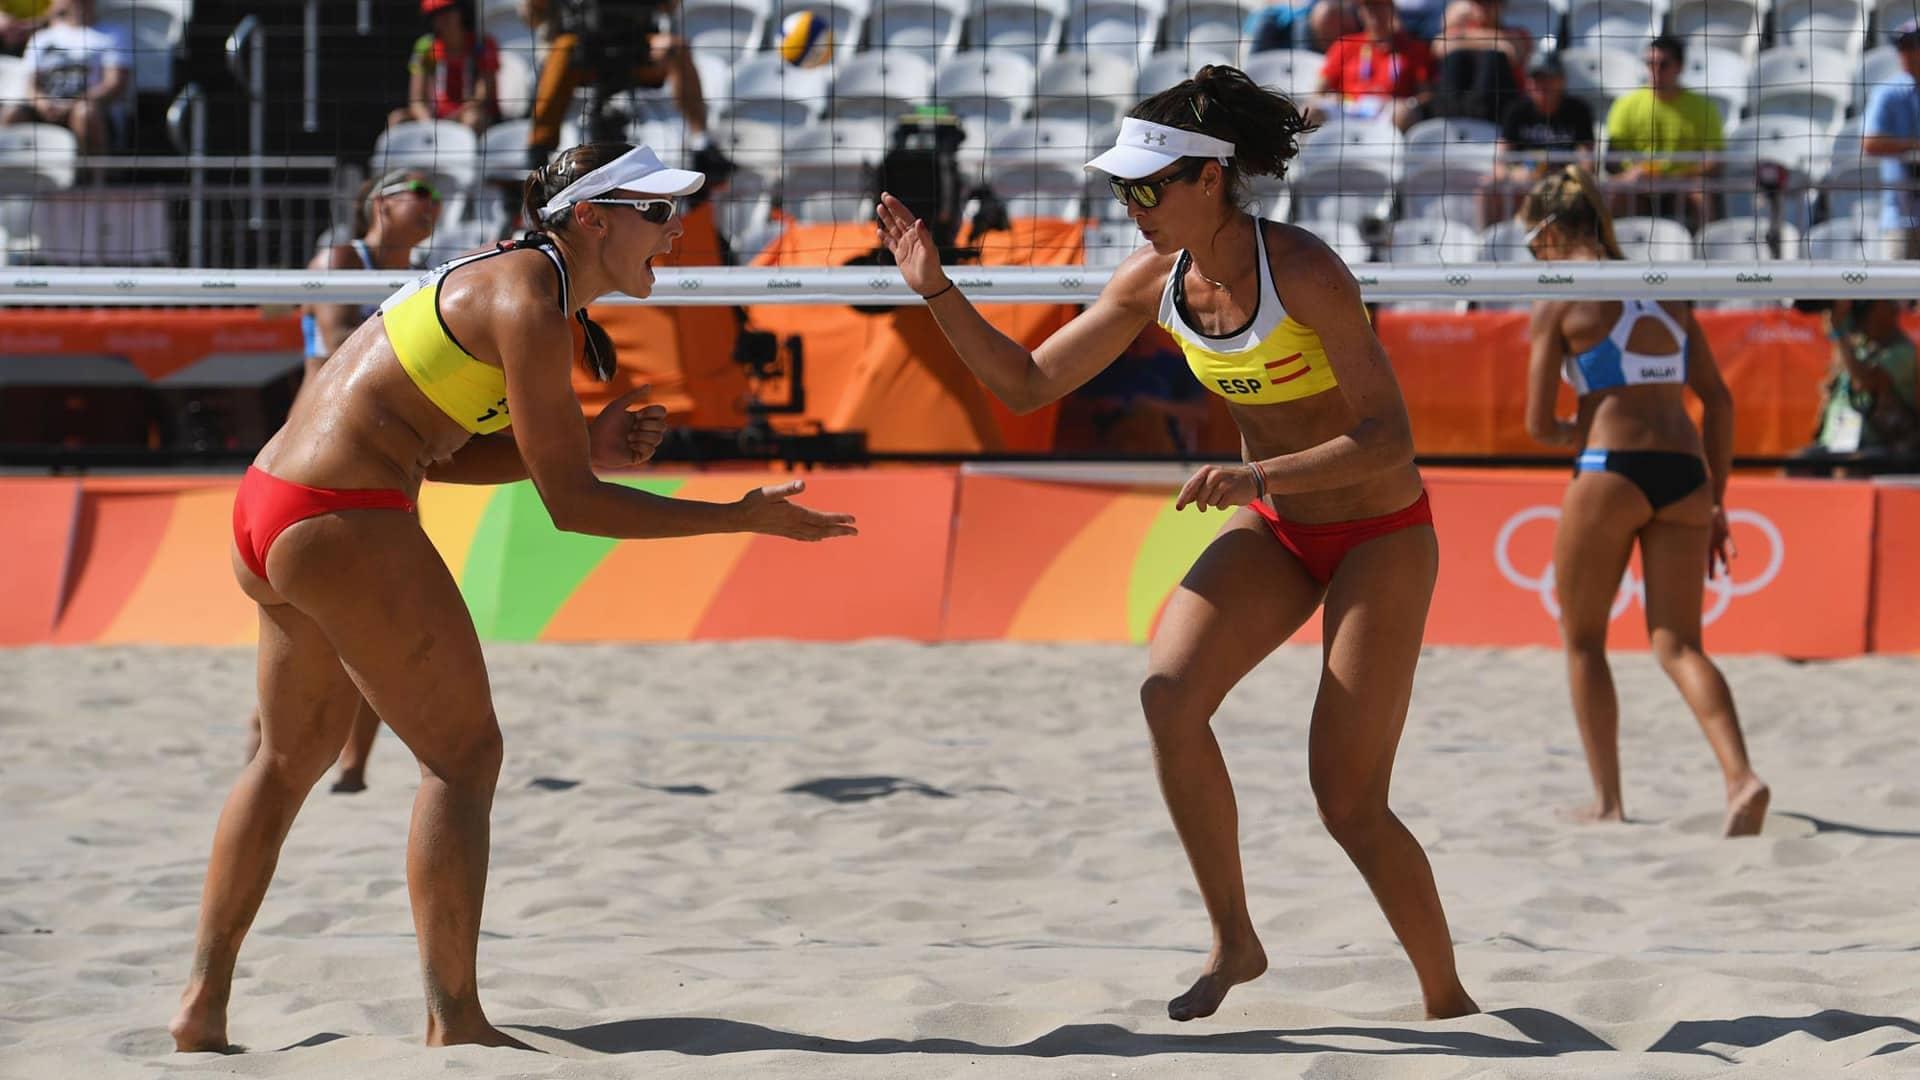 Dónde ver el voleibol playa en los JJOO: TV en directo, calendario e historia